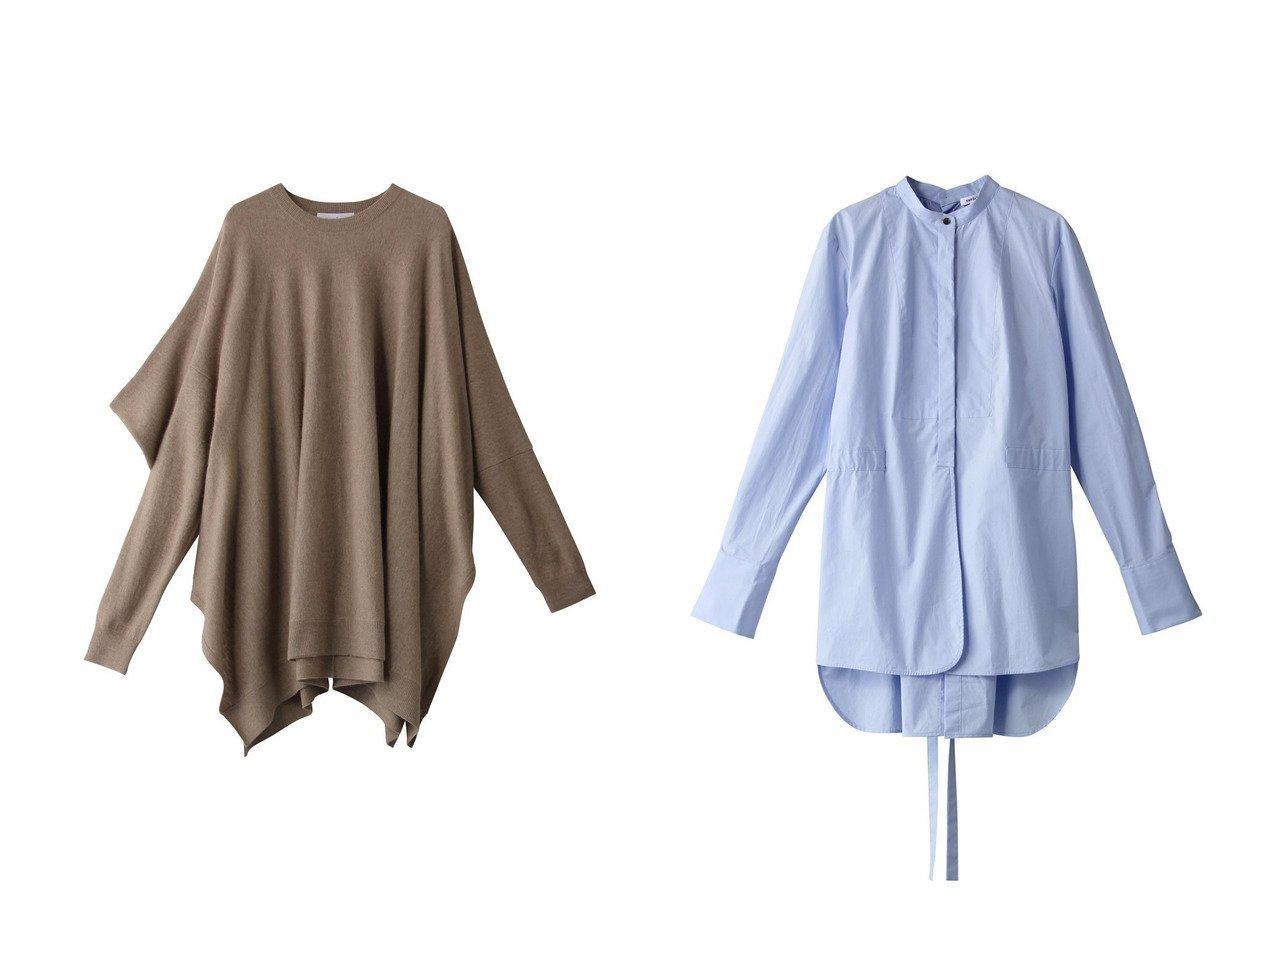 【ENFOLD/エンフォルド】のハイカウントタイプライター スタンドCロングシャツ&Racoon Wool アシンメケーププルオーバー トップス・カットソーのおすすめ!人気、レディースファッションの通販 おすすめで人気のファッション通販商品 インテリア・家具・キッズファッション・メンズファッション・レディースファッション・服の通販 founy(ファニー) https://founy.com/ ファッション Fashion レディース WOMEN トップス Tops Tshirt ニット Knit Tops プルオーバー Pullover シャツ/ブラウス Shirts Blouses アシンメトリー スリーブ ドレープ 定番 シェイプ シンプル スタンド ロング |ID:crp329100000002573